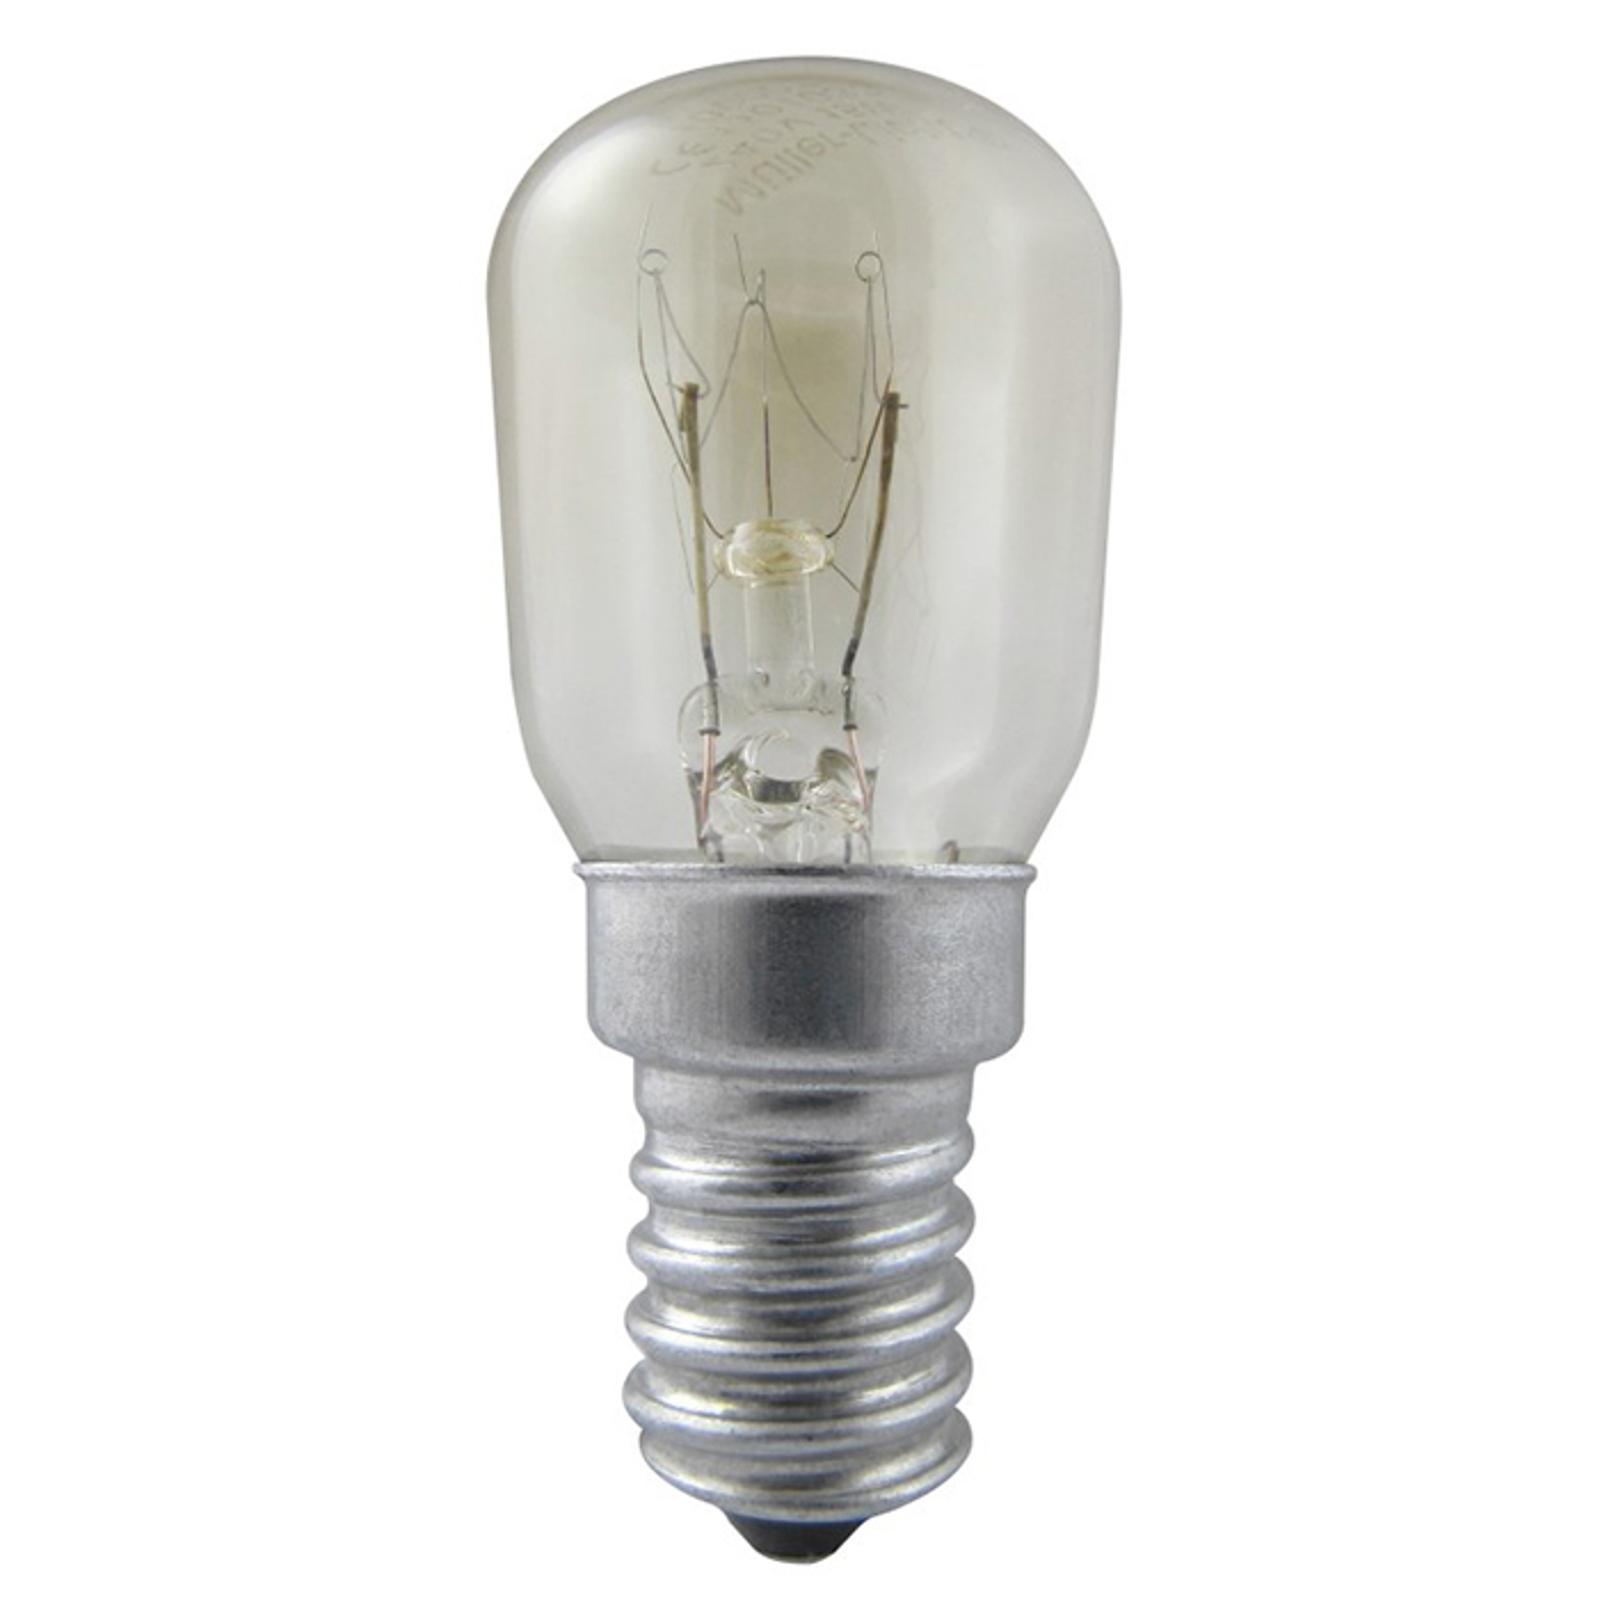 E14 25W Jääkaapin lamppu, kirkas, lämmin valkoinen